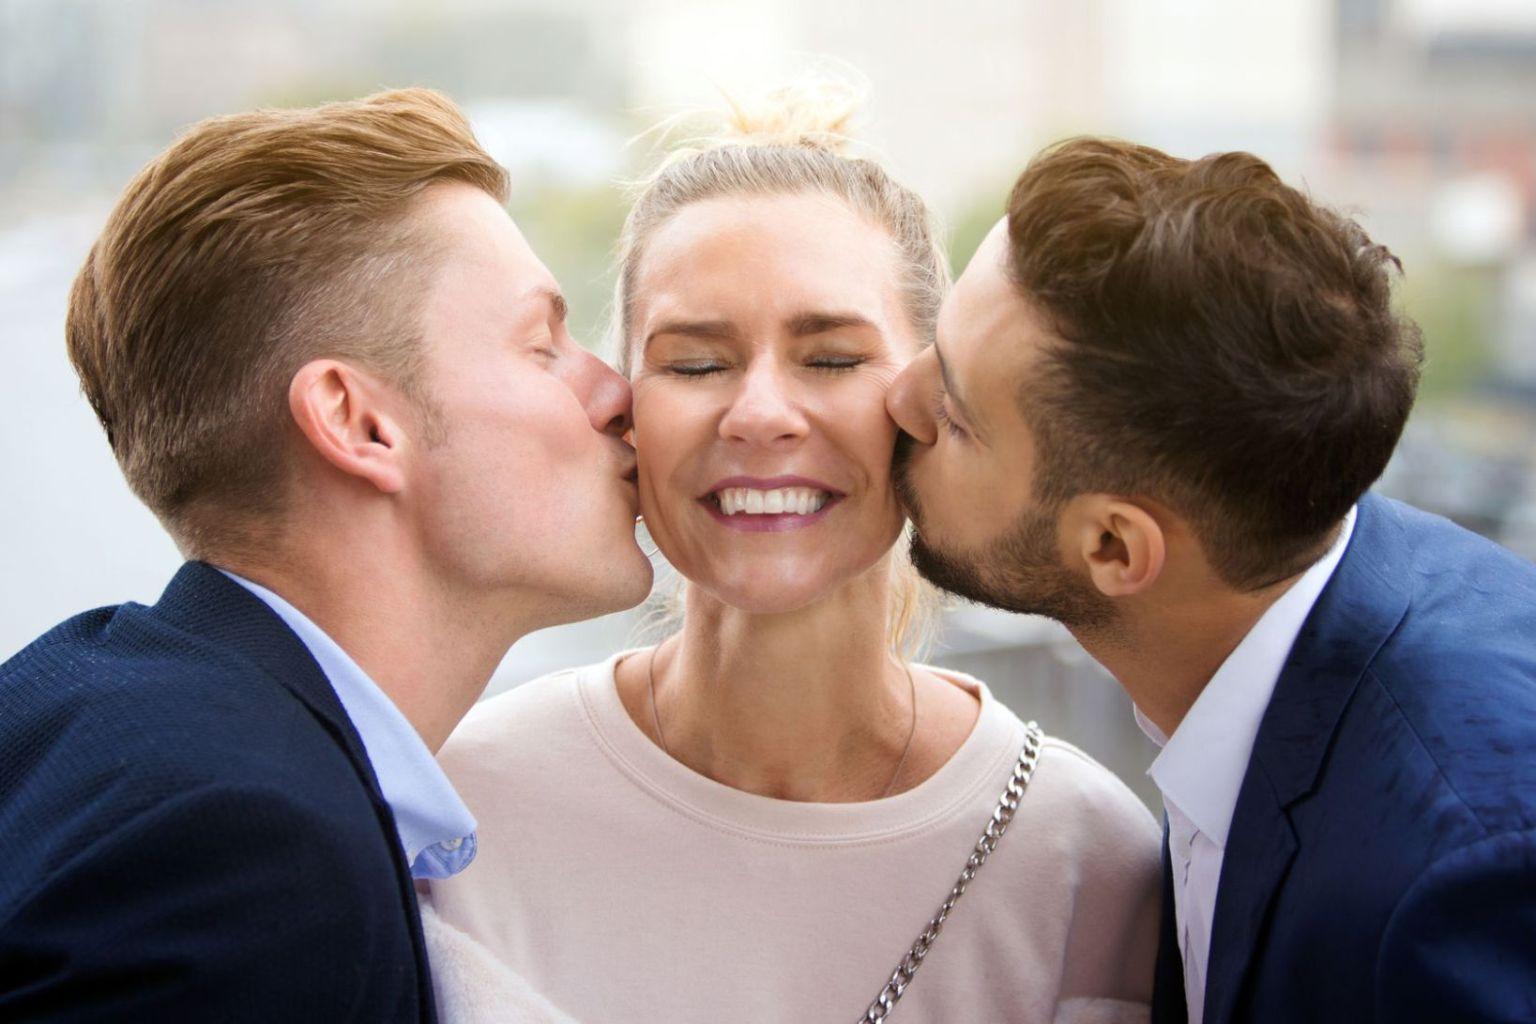 Thành phố Mỹ cho phép chị em lấy bao nhiêu chồng cũng được - Ảnh 2.